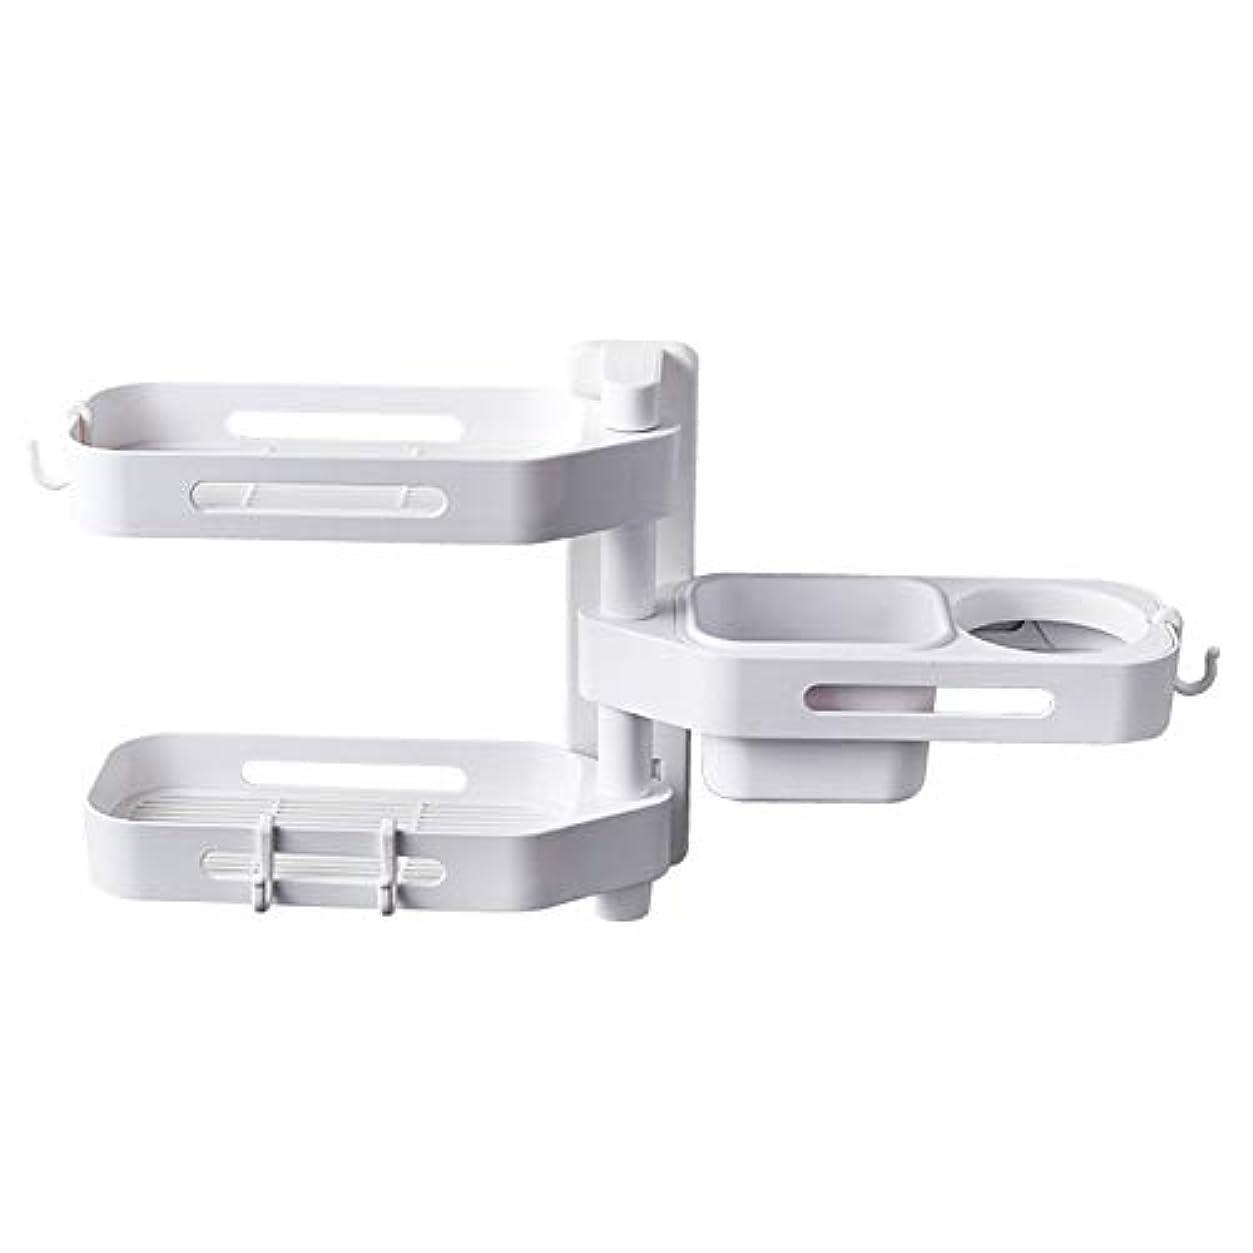 巻き取り格差ほぼCoolTack 3層ソープトレイプラスチック取り外し可能な収納オーガナイザーを回転させるソープディッシュ接着剤ホルダー